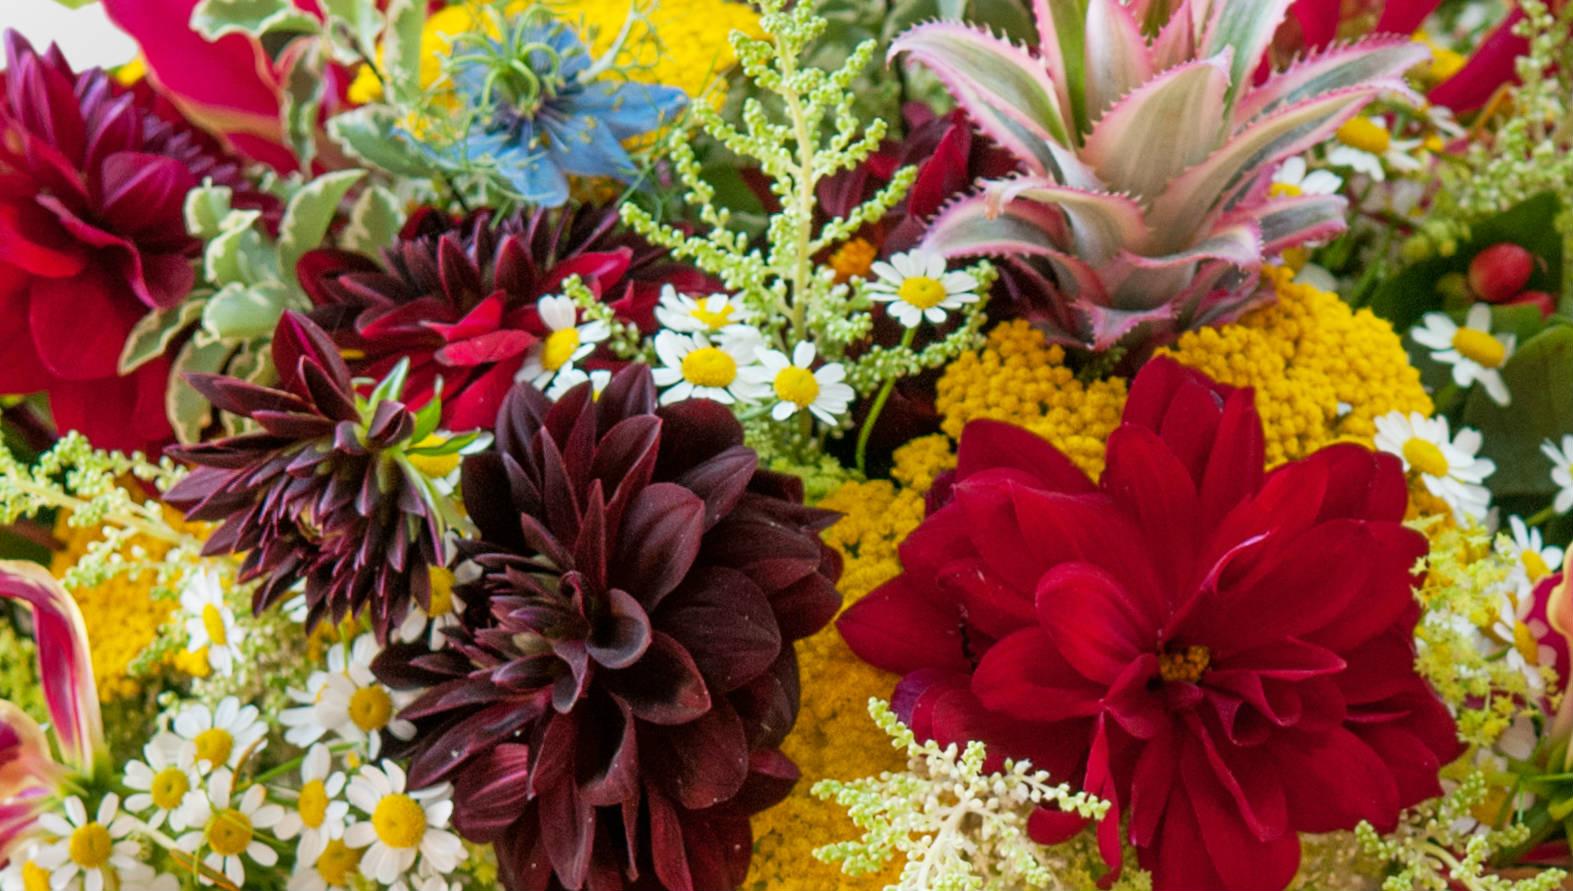 vibrant-flower-station.jpg